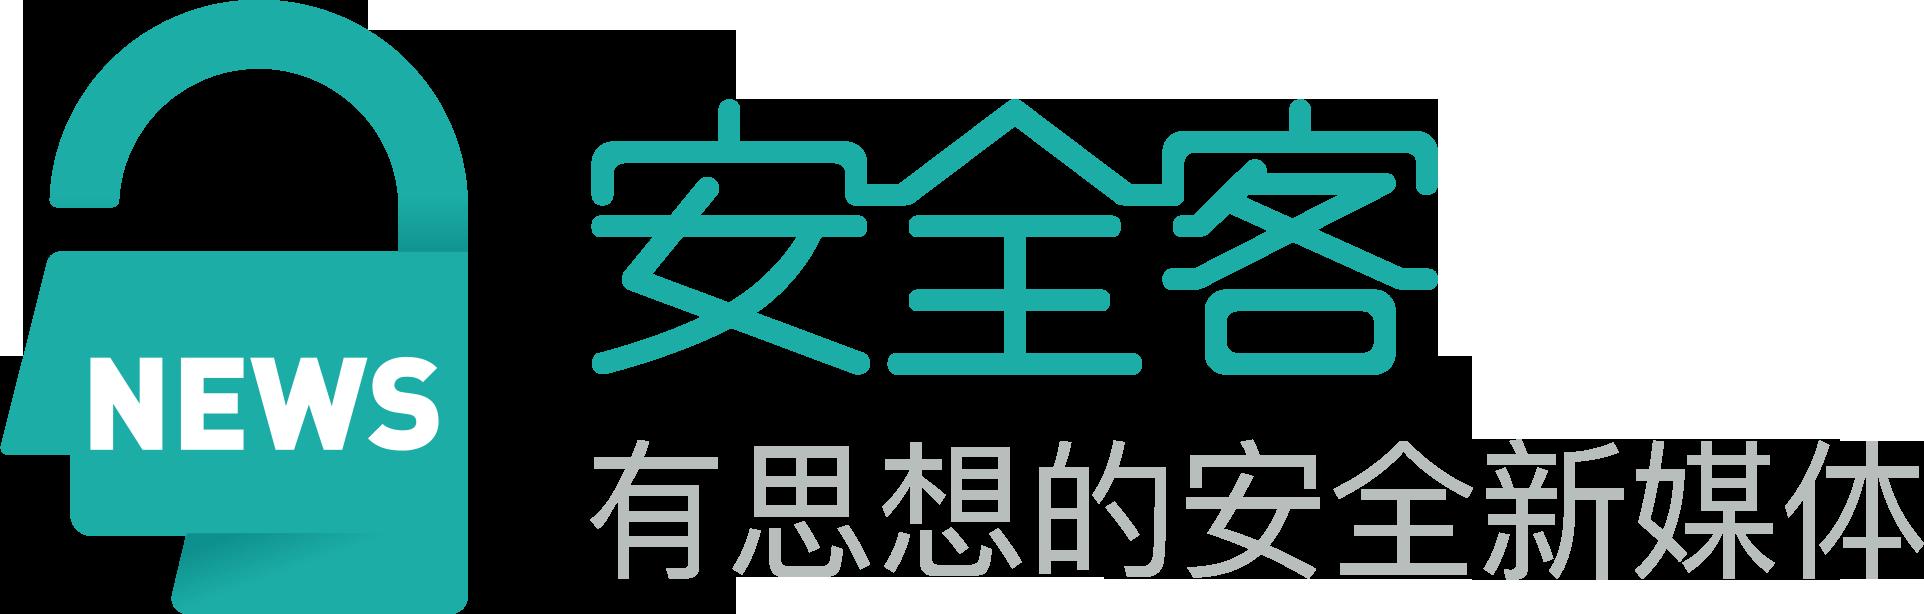 看黄app客Logo